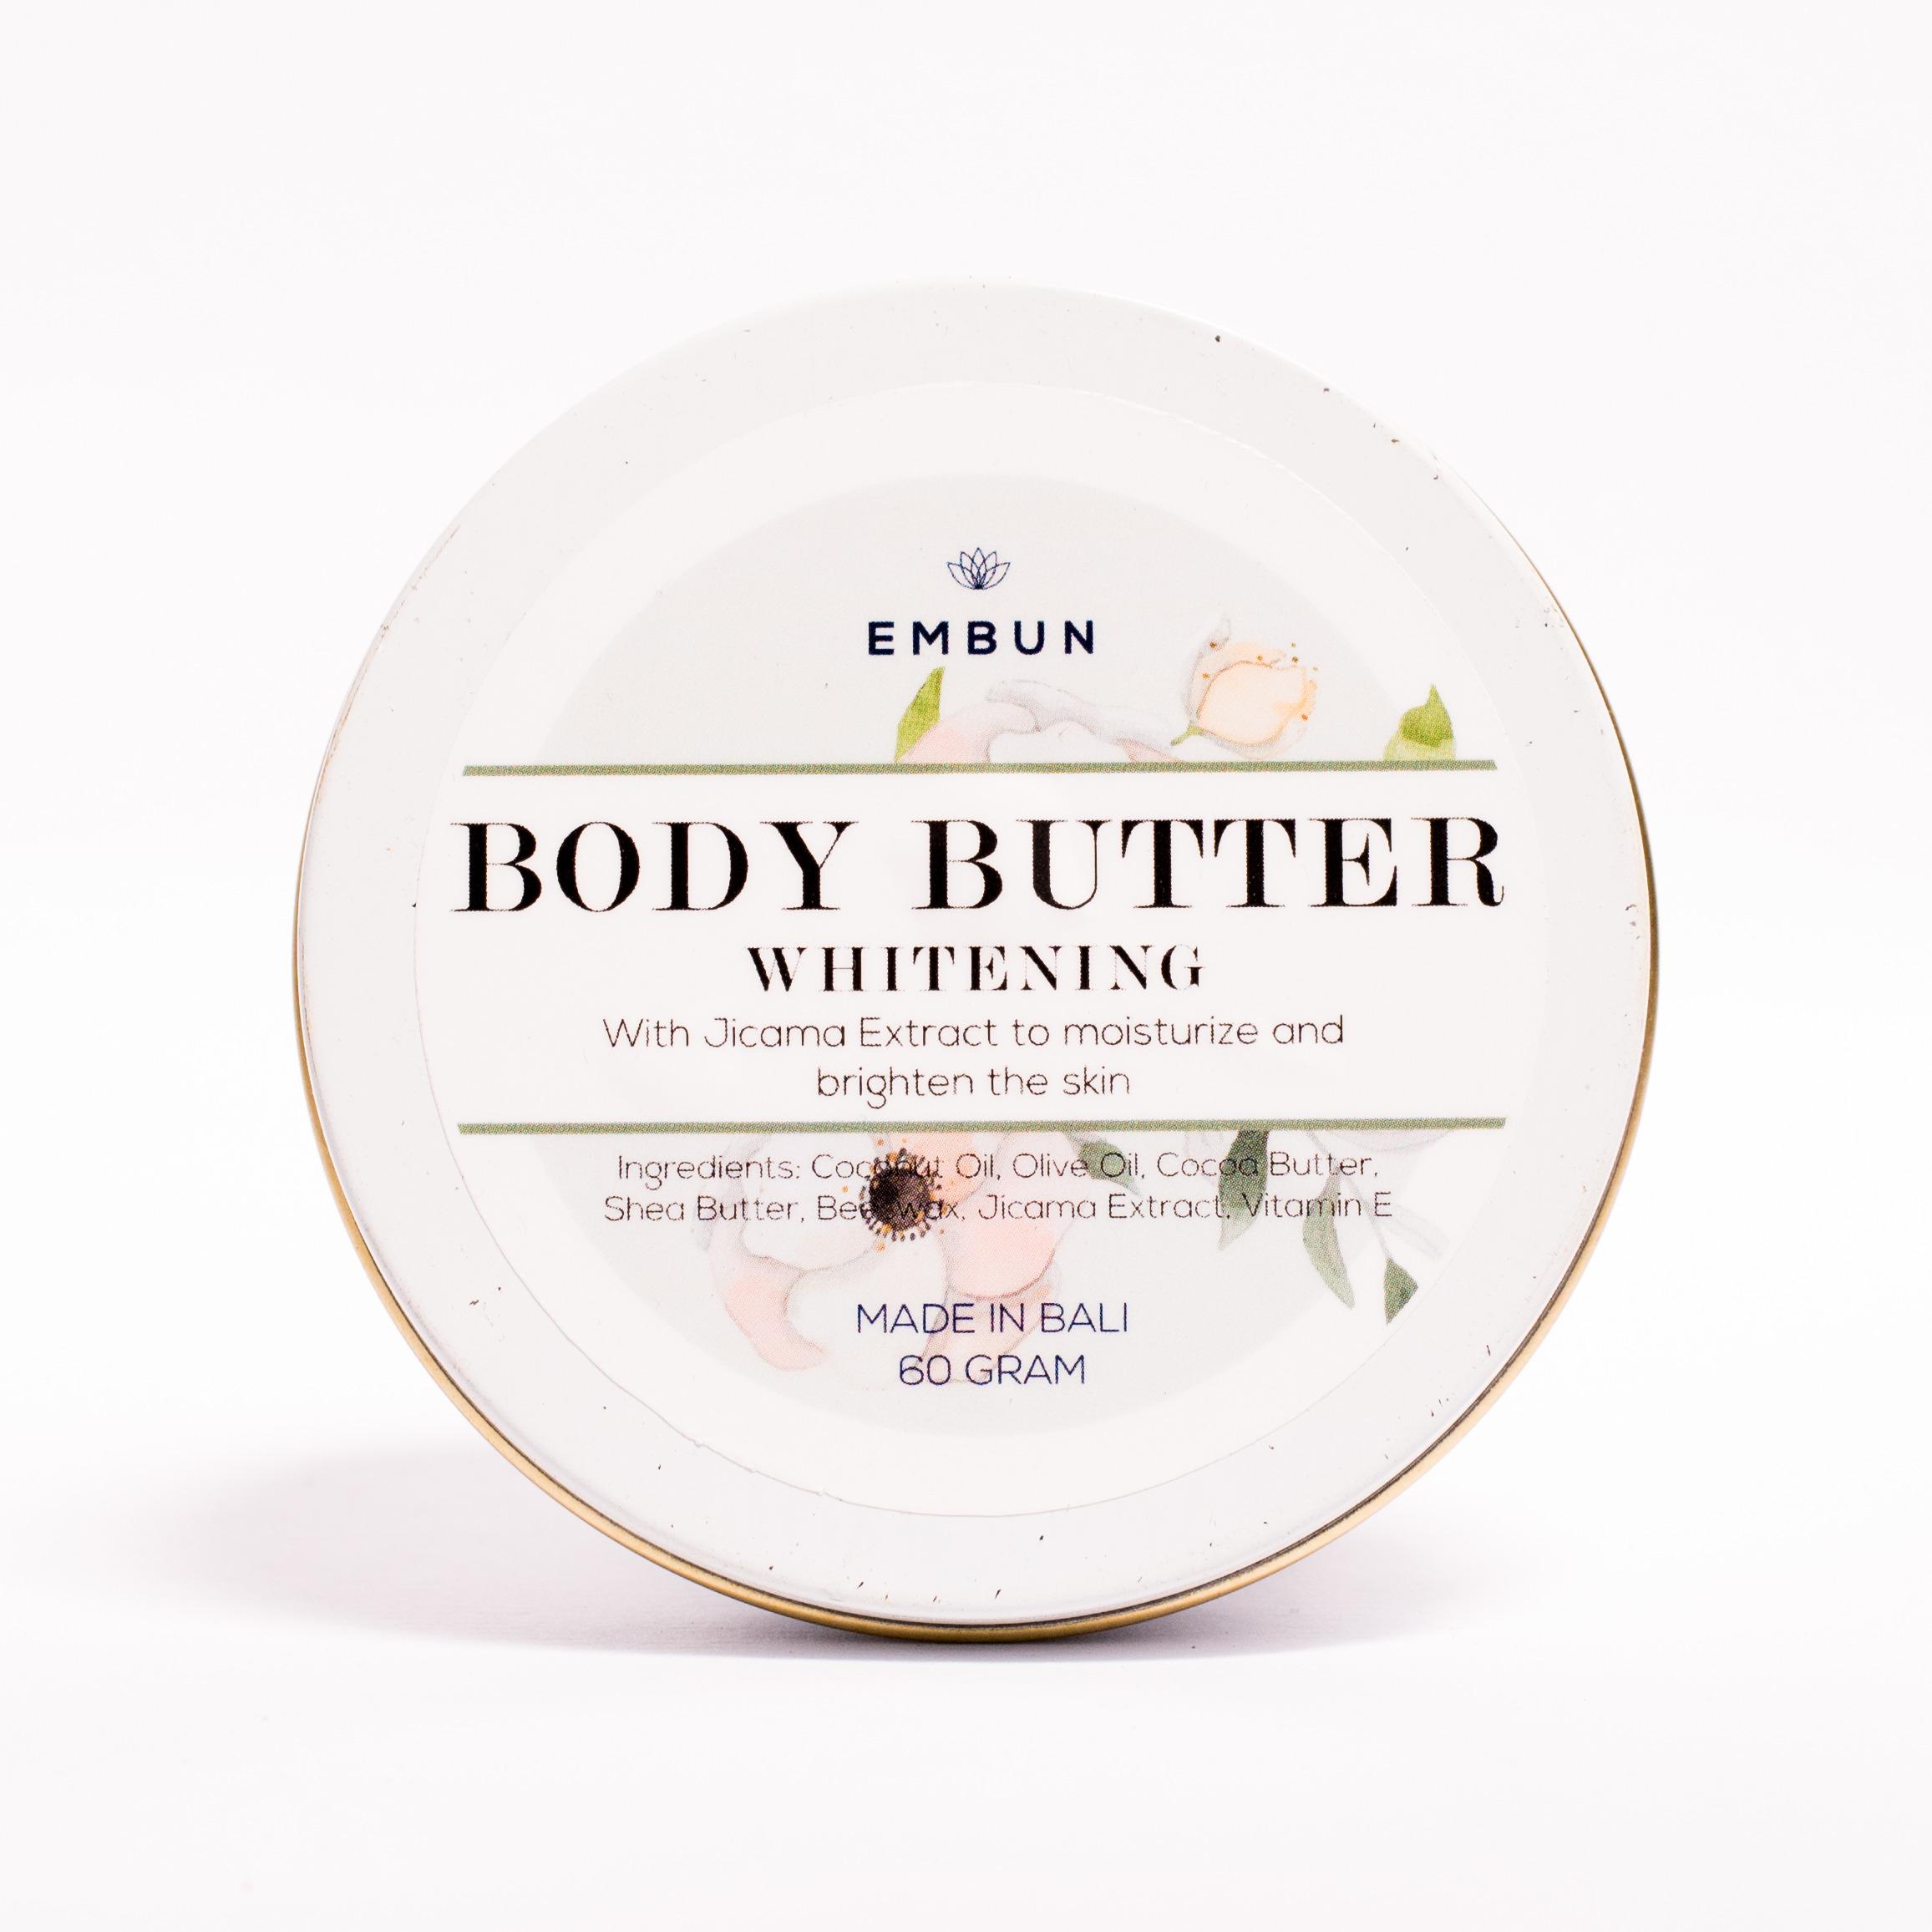 Embun Body Butter Whitening